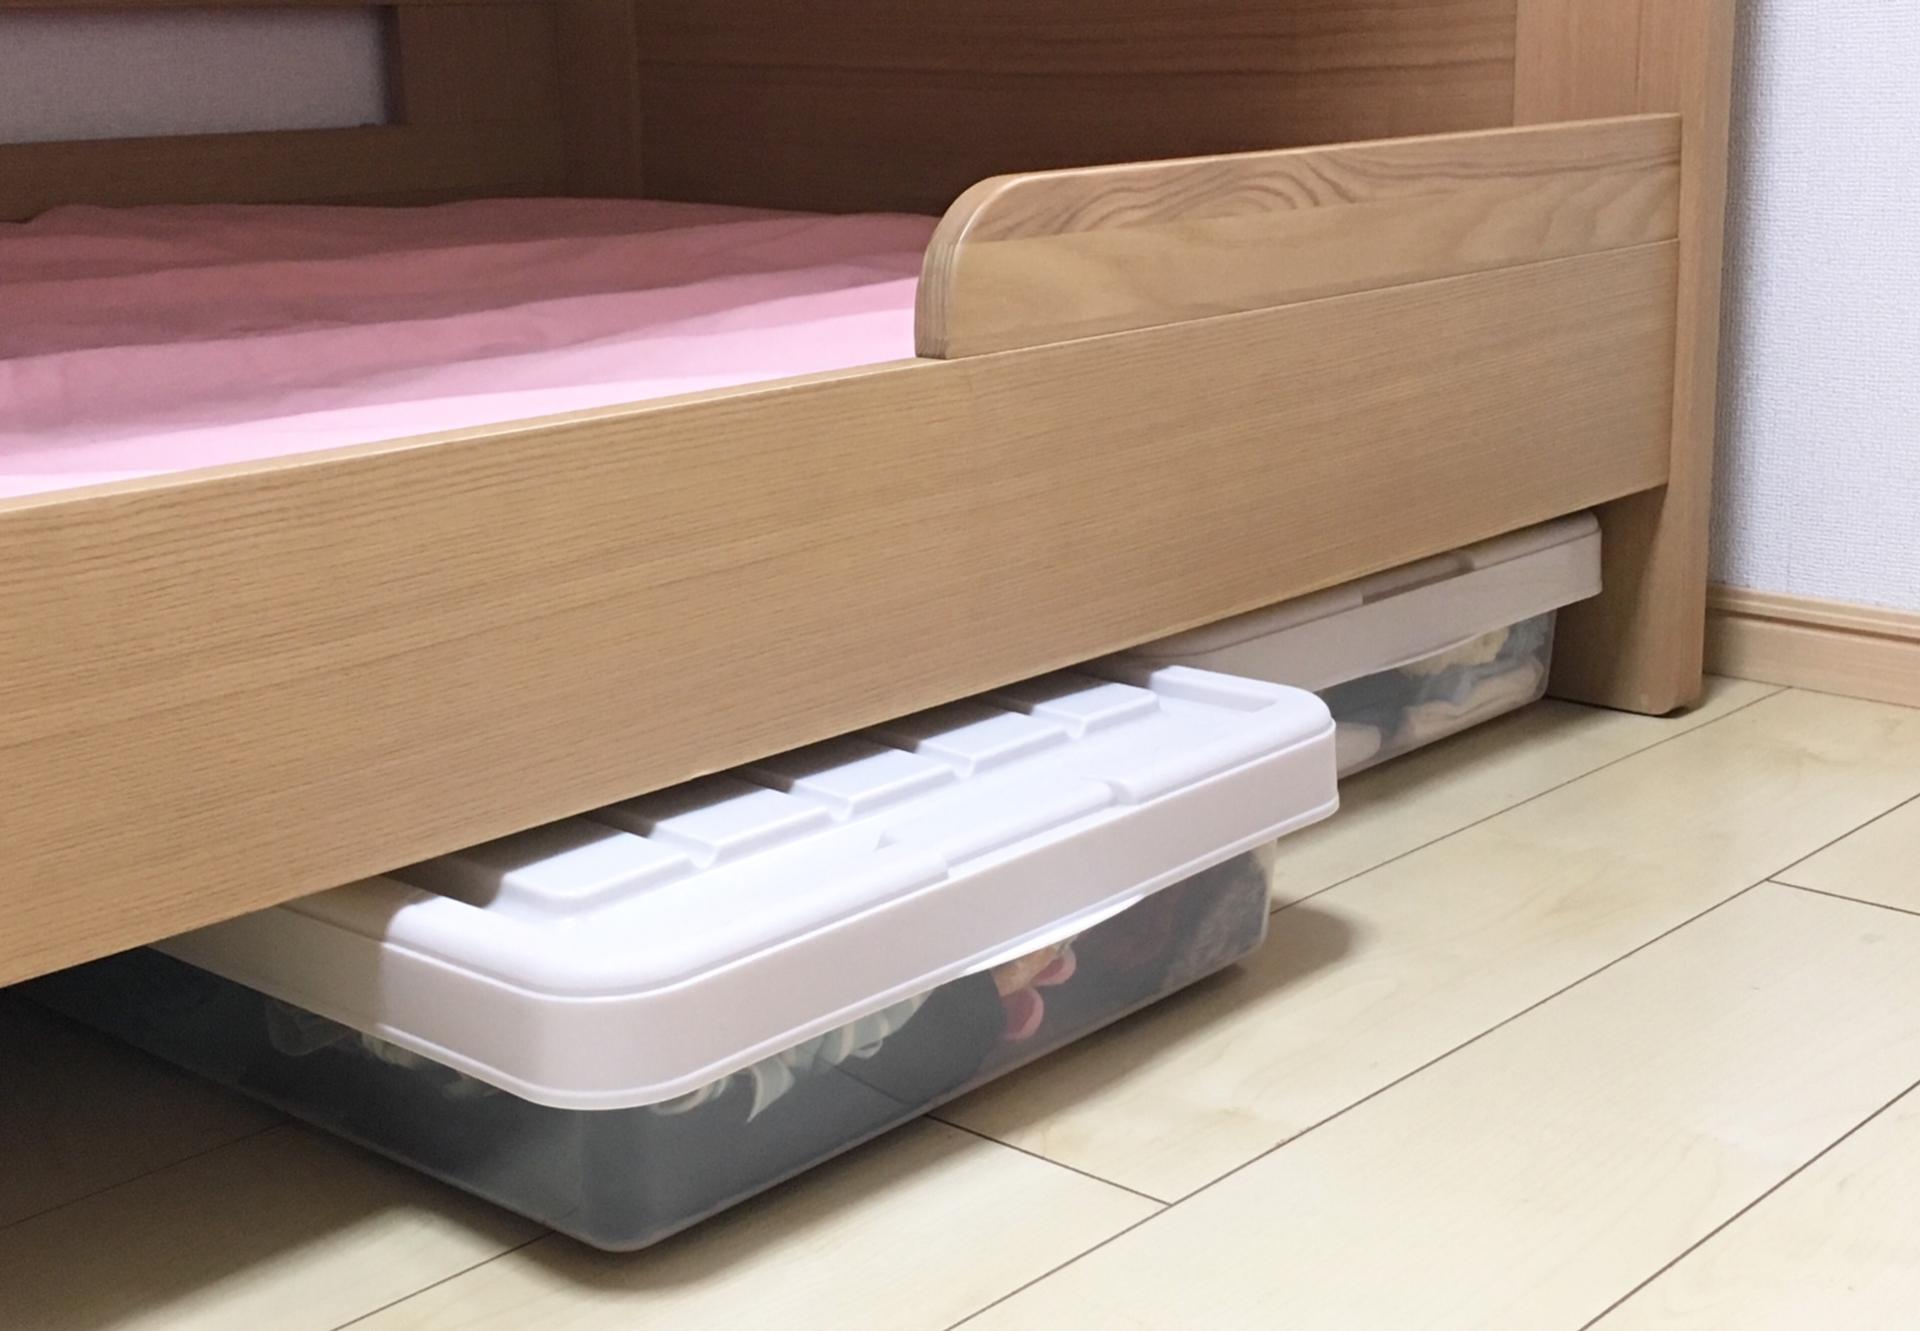 シングル収納付き木製ベッドを買って母の睡眠が向上しました!